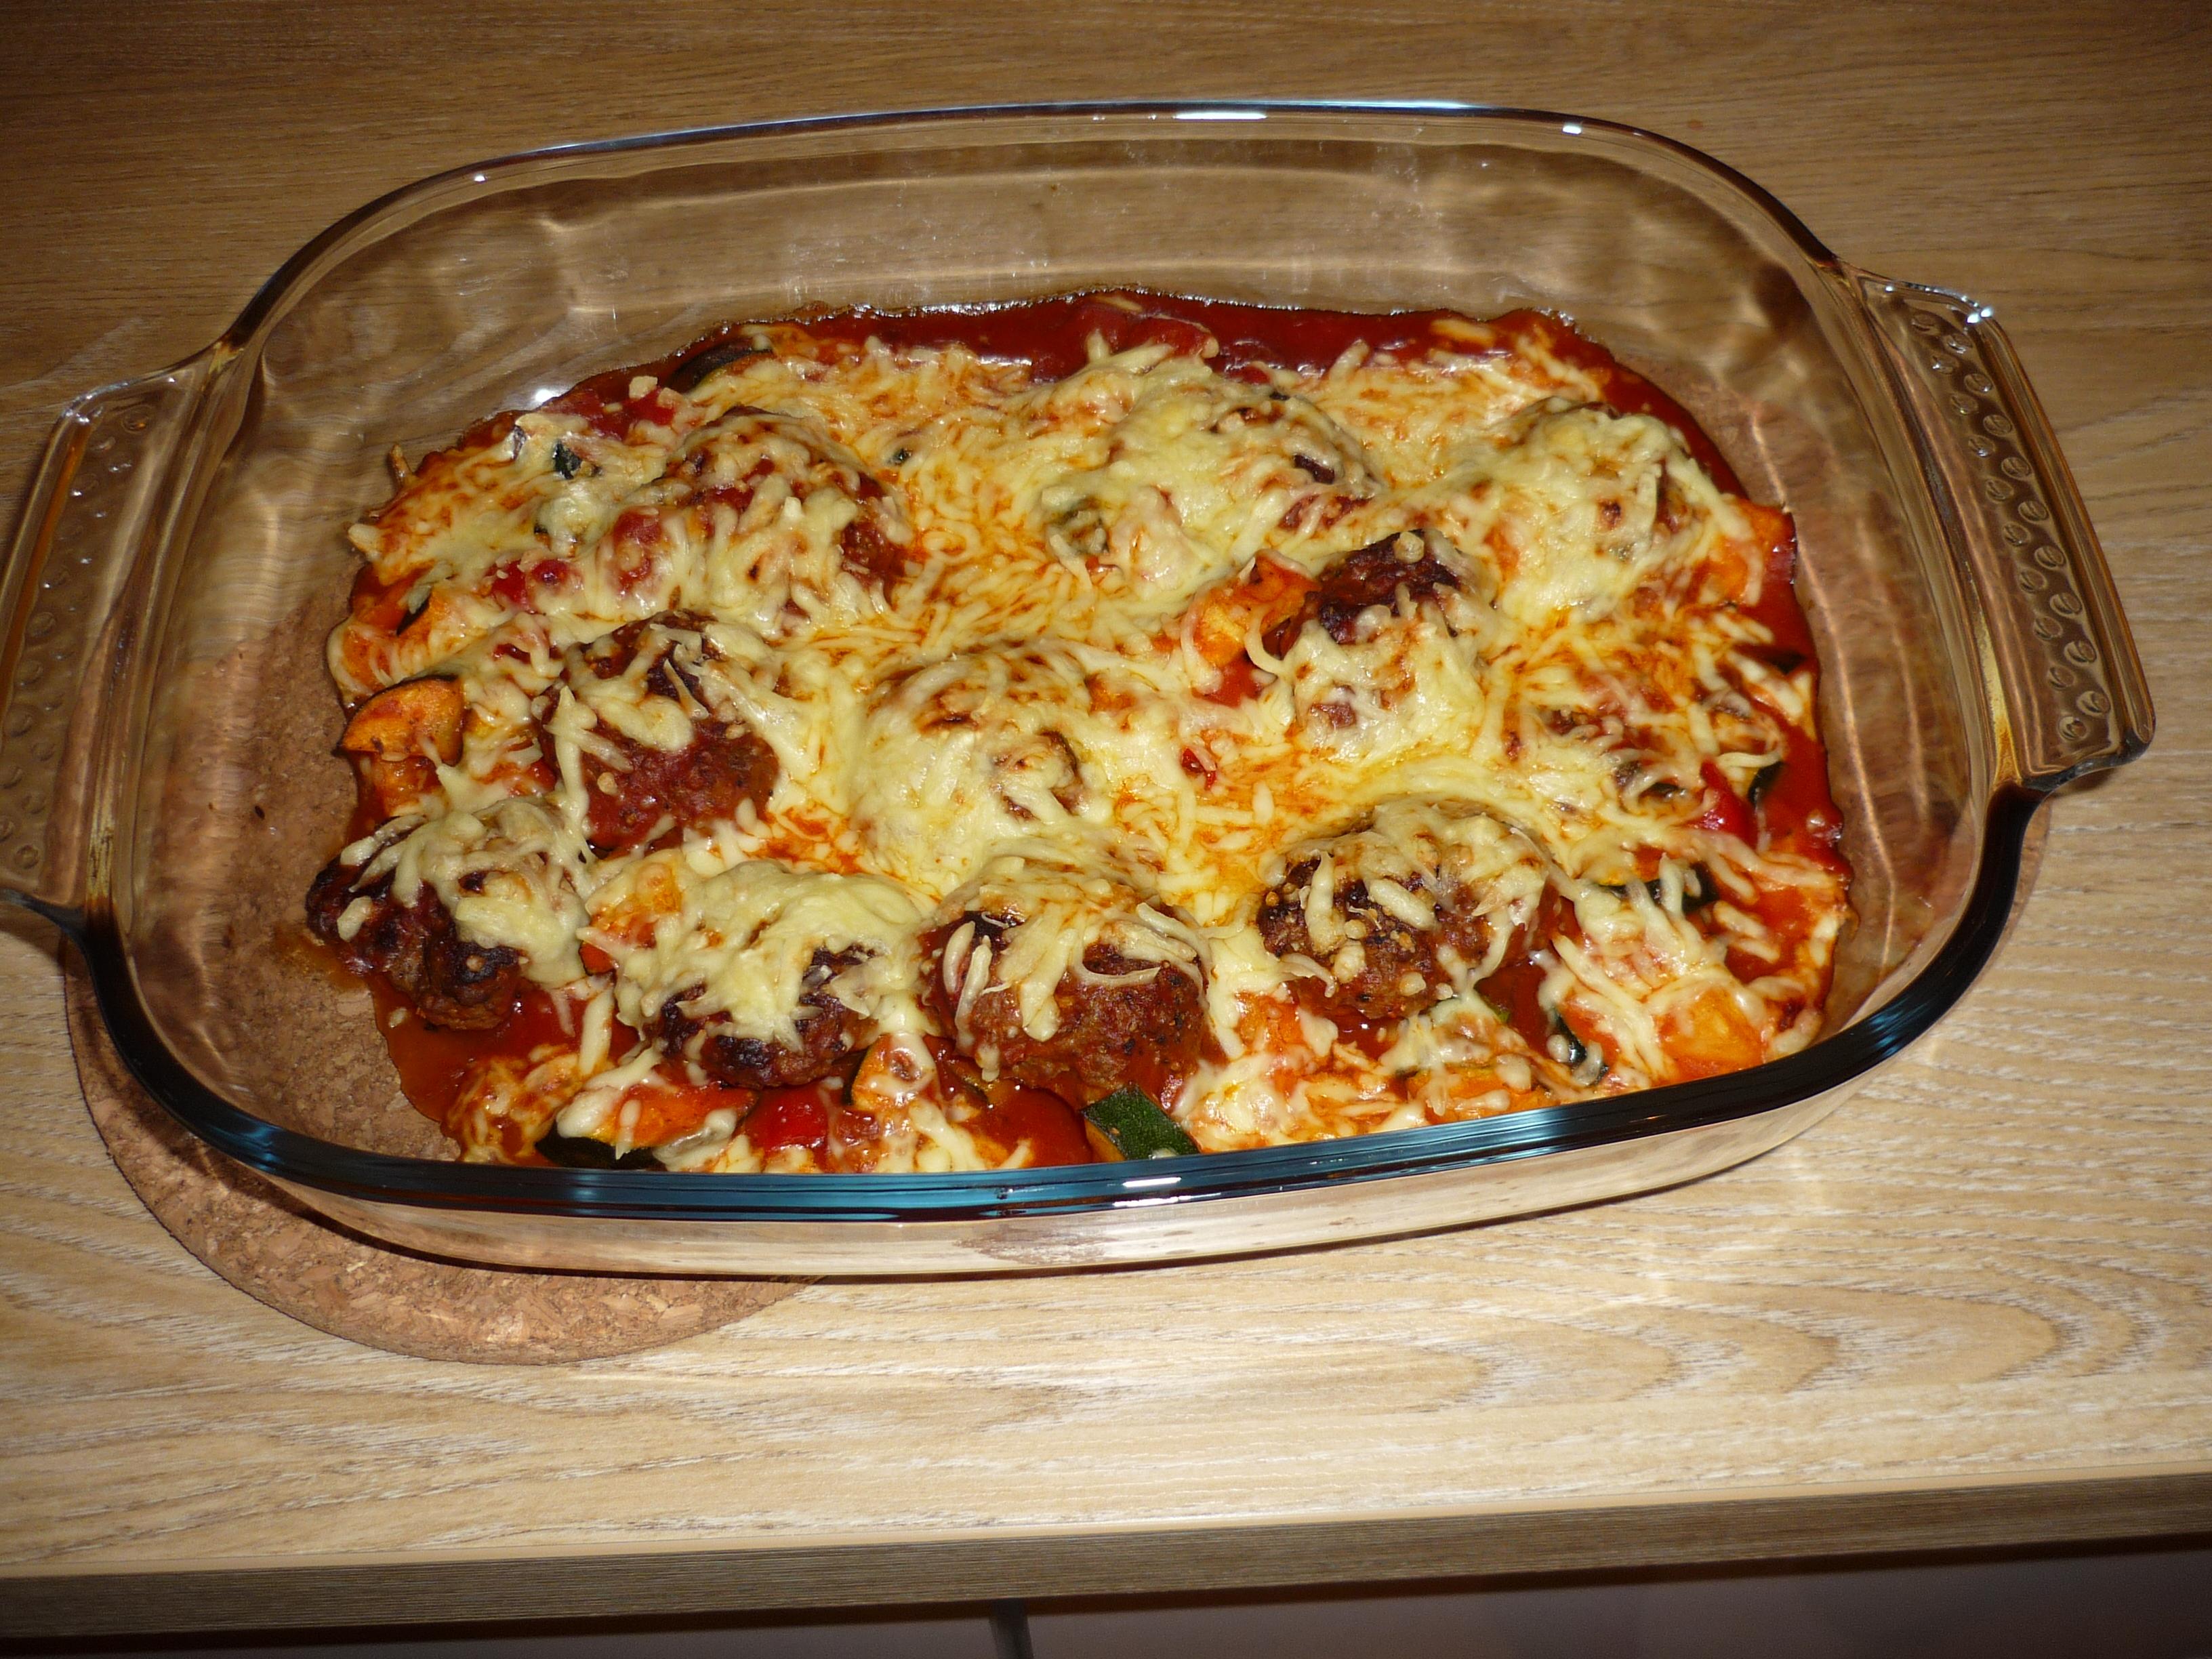 Hackbällchen in Tomaten-Auberginen-Zucchini-Soße mit Käse überbacken und dazu grüner Salat    (ca. 2 Portionen)